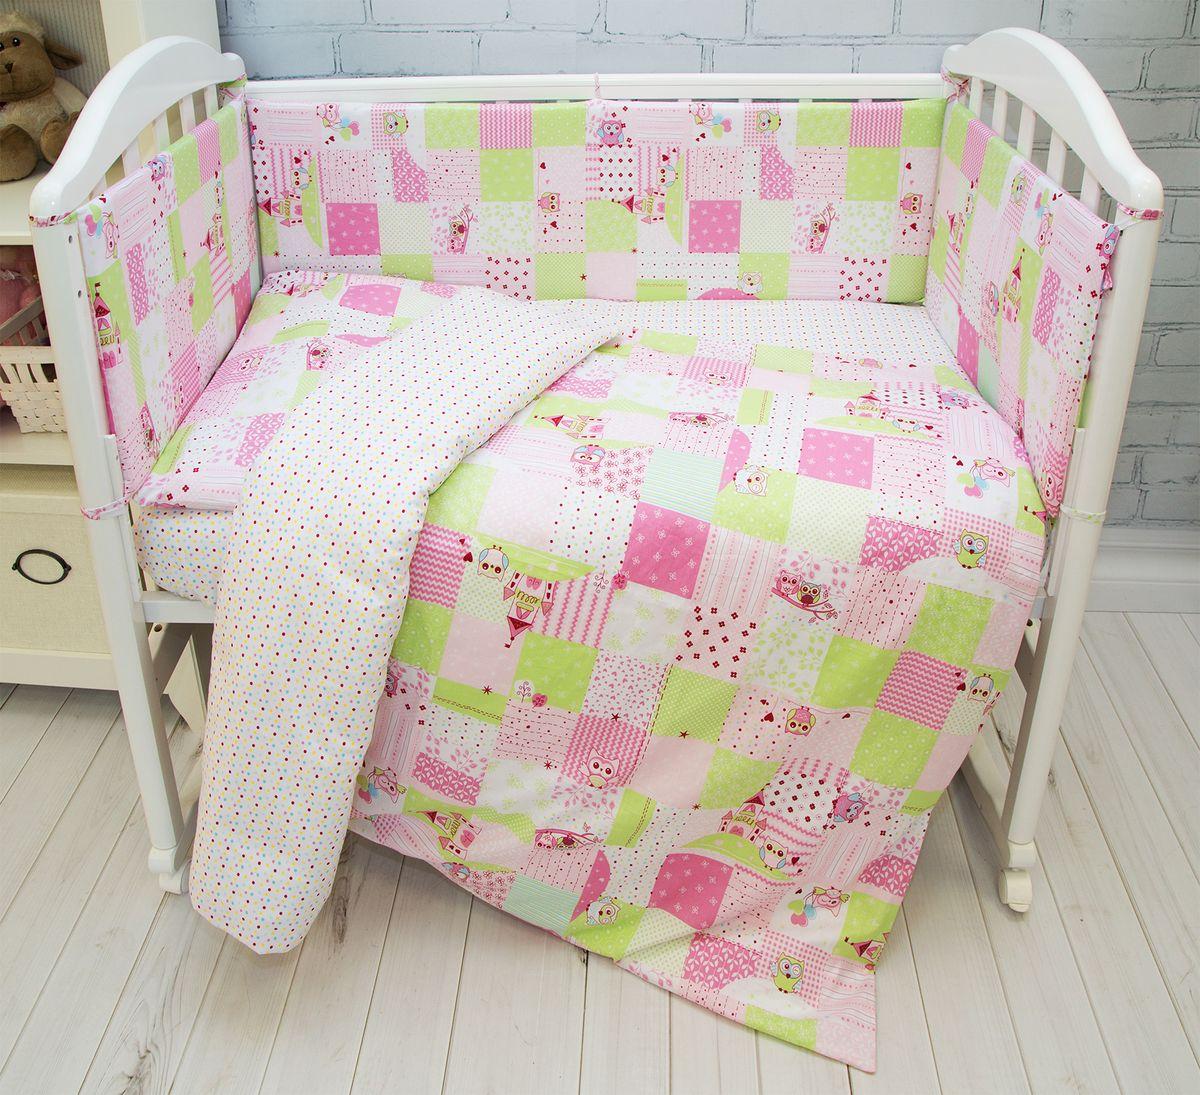 Споки Ноки Комплект в кроватку Совы 6 предметов цвет розовый1017Комплект в кроватку Споки Ноки Совы для самых маленьких должен быть изготовлен только из самой качественной ткани, самой безопасной и гигиеничной, самой экологичнойи гипоаллергенной. Отлично подходит для кроваток малышей, которые часто двигаются во сне. Хлопковое волокно прекрасно переносит стирку, быстро сохнет и не требует особого ухода, не линяет и не вытягивается. Ткань прошла специальную обработку по умягчению, что сделало её невероятно мягкой и приятной к телу. Состав комплекта: простынь 112х147, пододеяльник 112х147, наволочка 40х60, борт (120х35 - 2 шт, 60х35 - 2 шт) , одеяло с наполнителем файбер 110х140, подушка 40х60